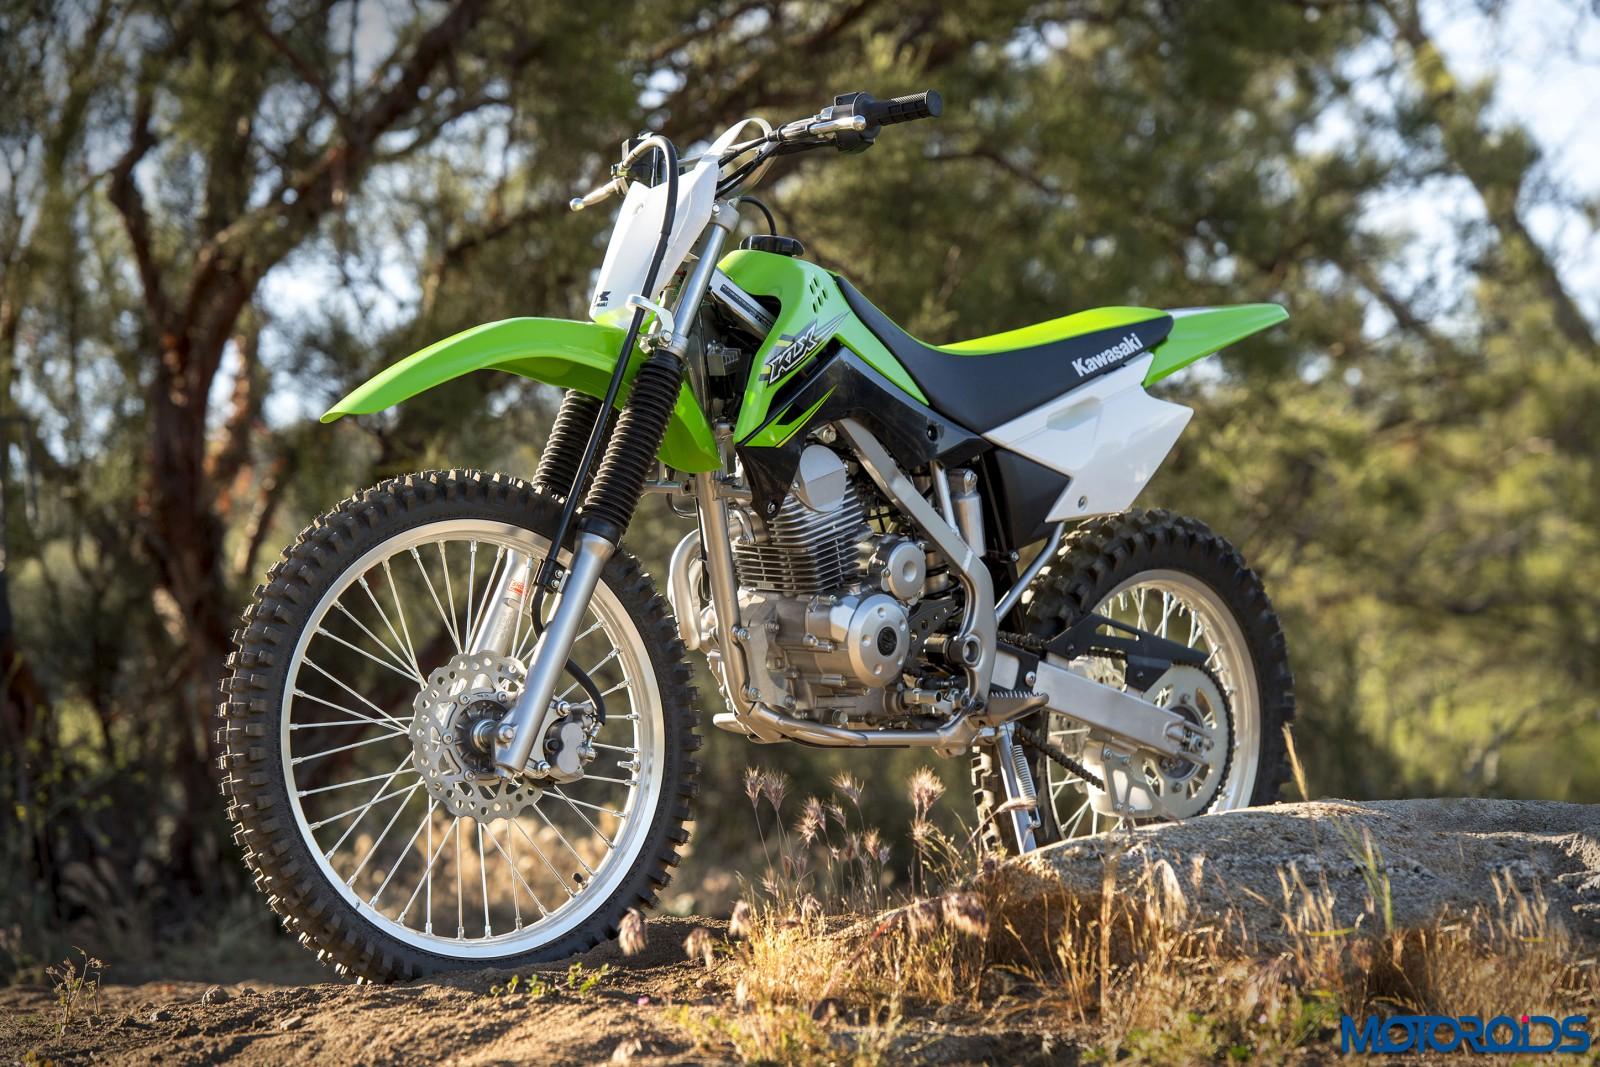 Kawasaki-KLX140-Official-Photographs-7